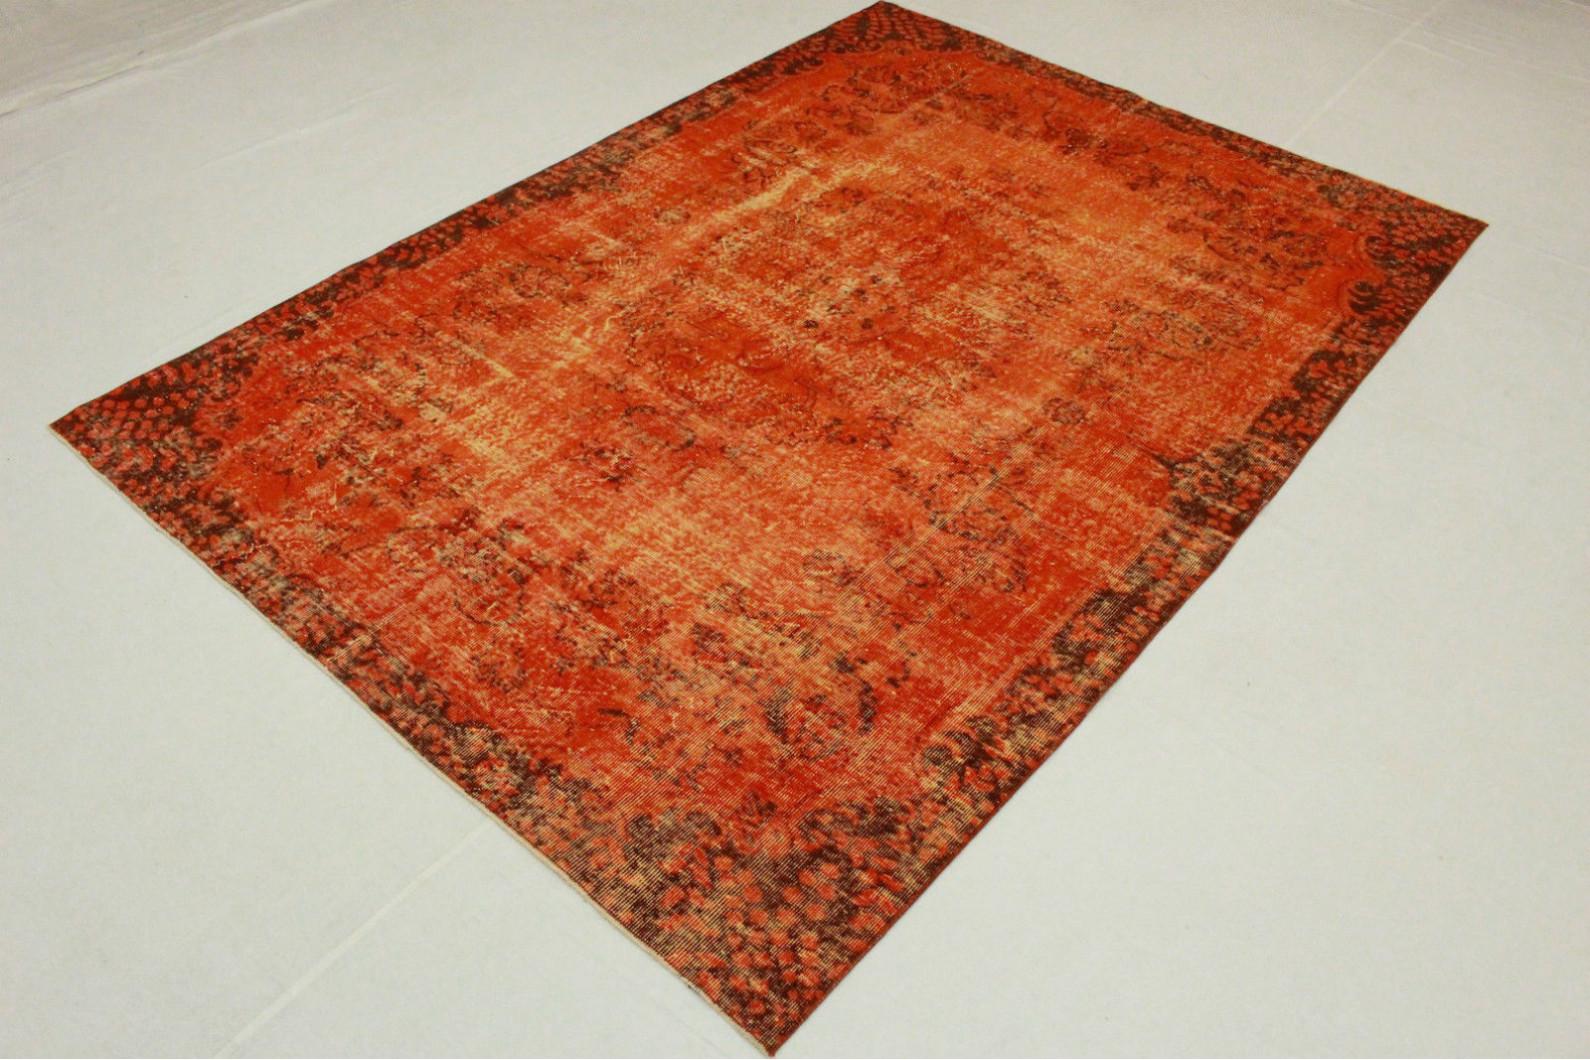 vintage teppich orange in 290x200cm 1011 5132 bei kaufen. Black Bedroom Furniture Sets. Home Design Ideas